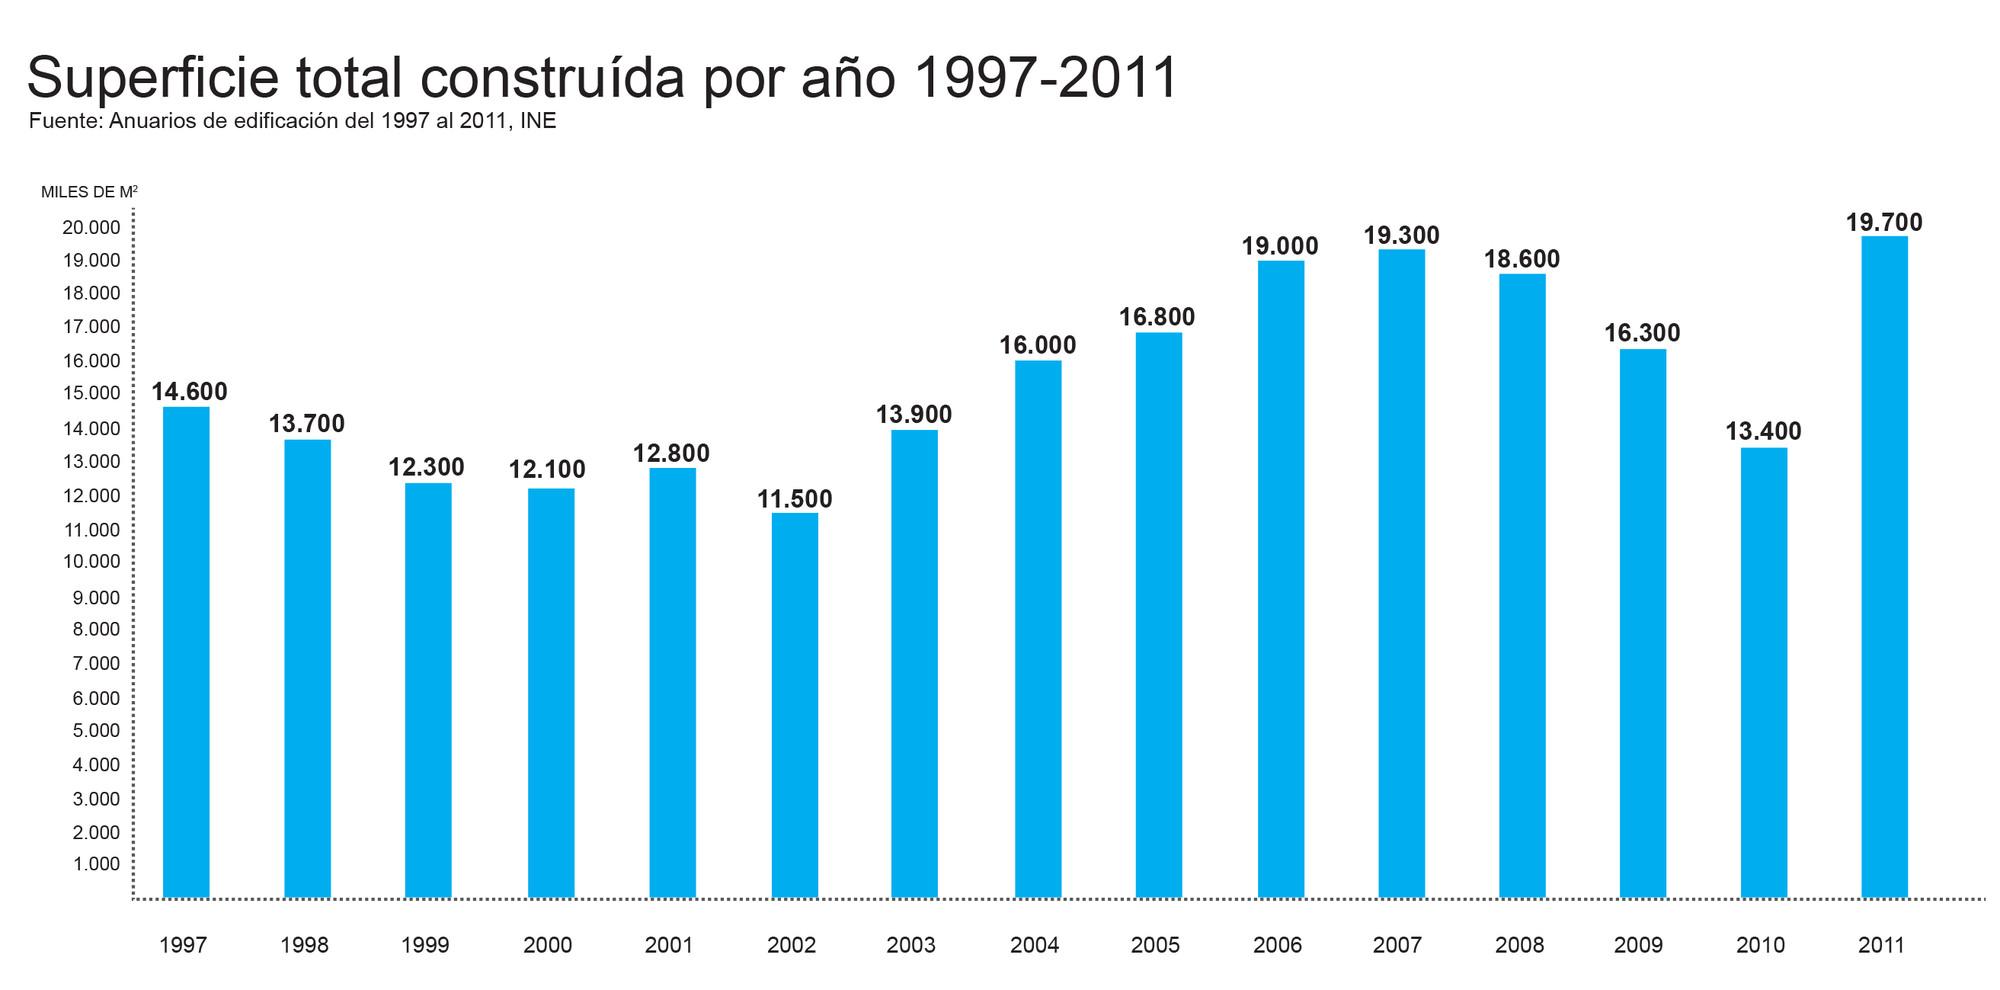 Metros cuadrados construidos anuales entre 1997 y 2011. Image Cortesia de Beatriz Coeffé